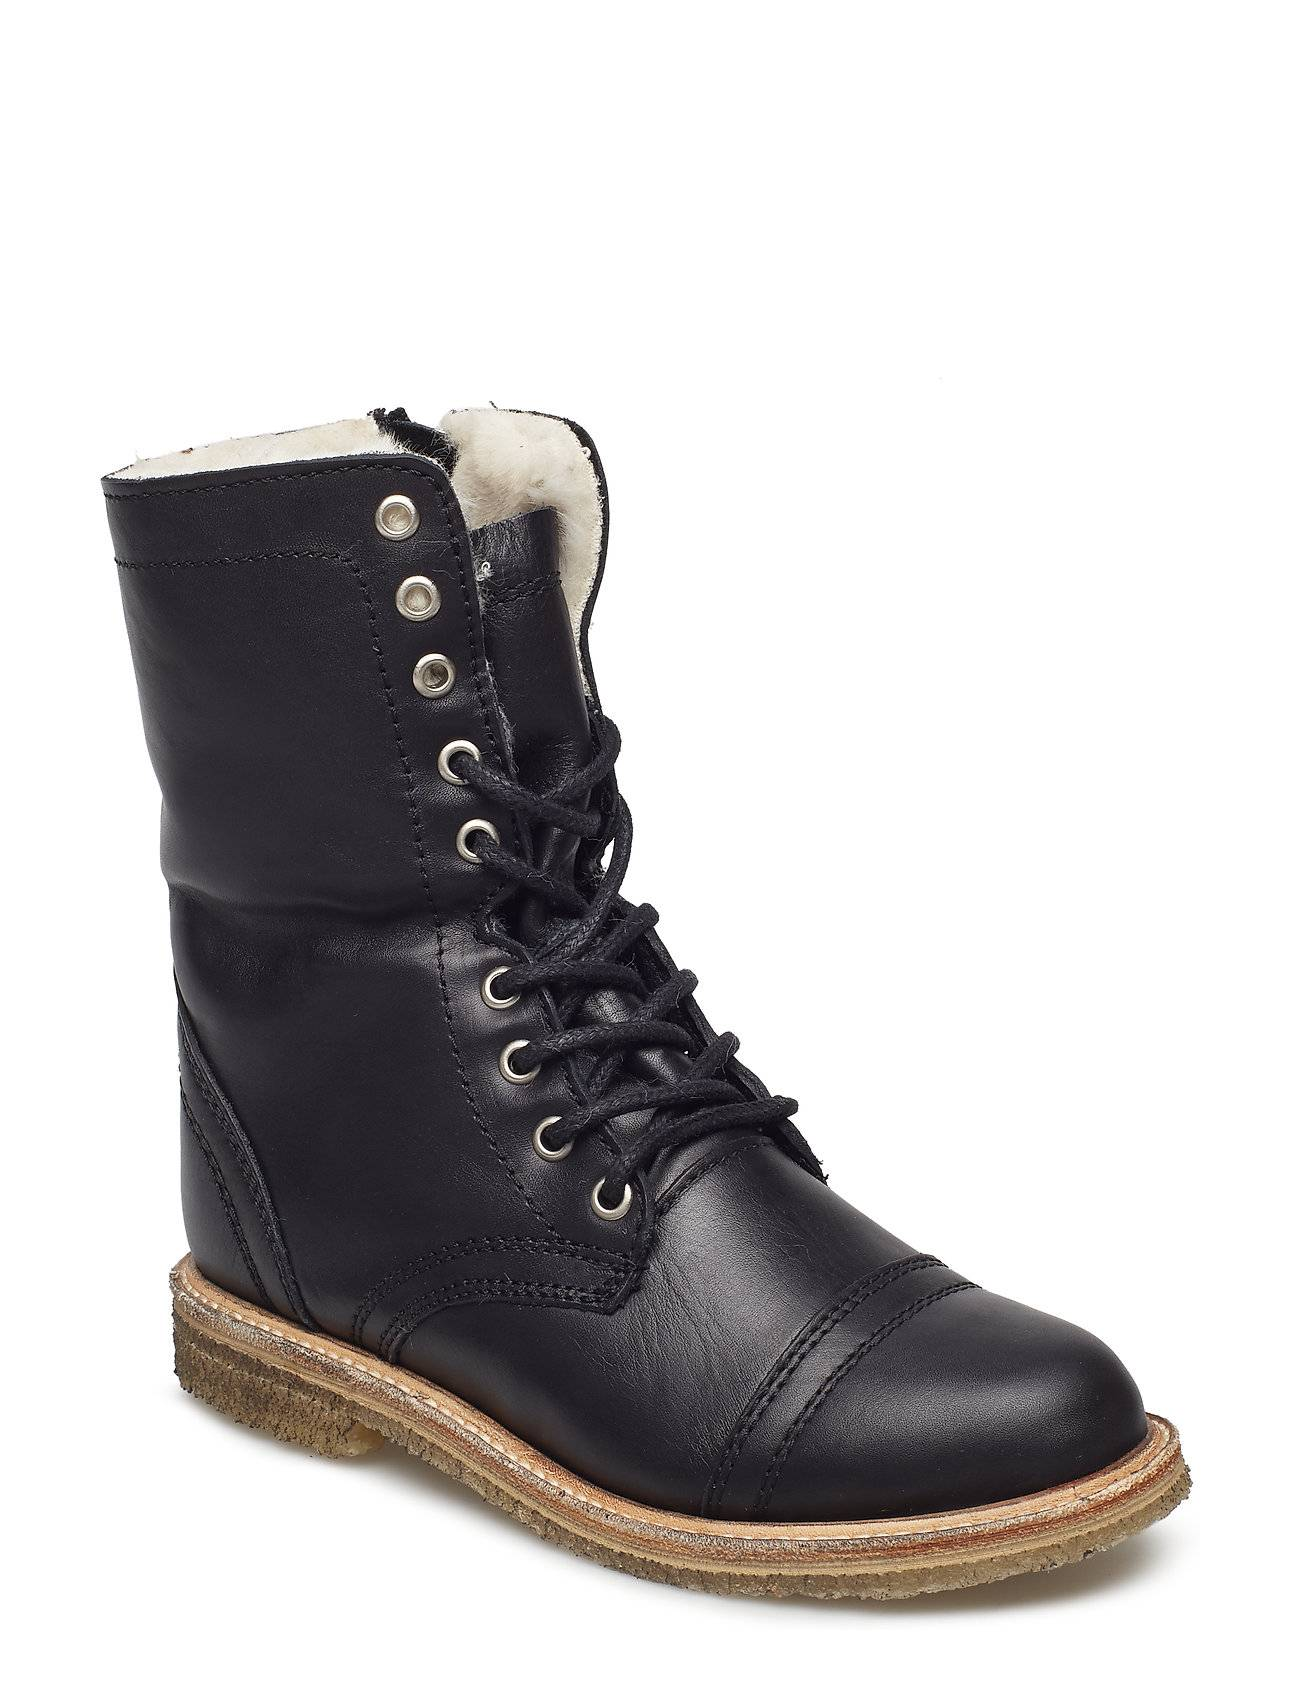 Steve Madden Tossup Ankle Boot